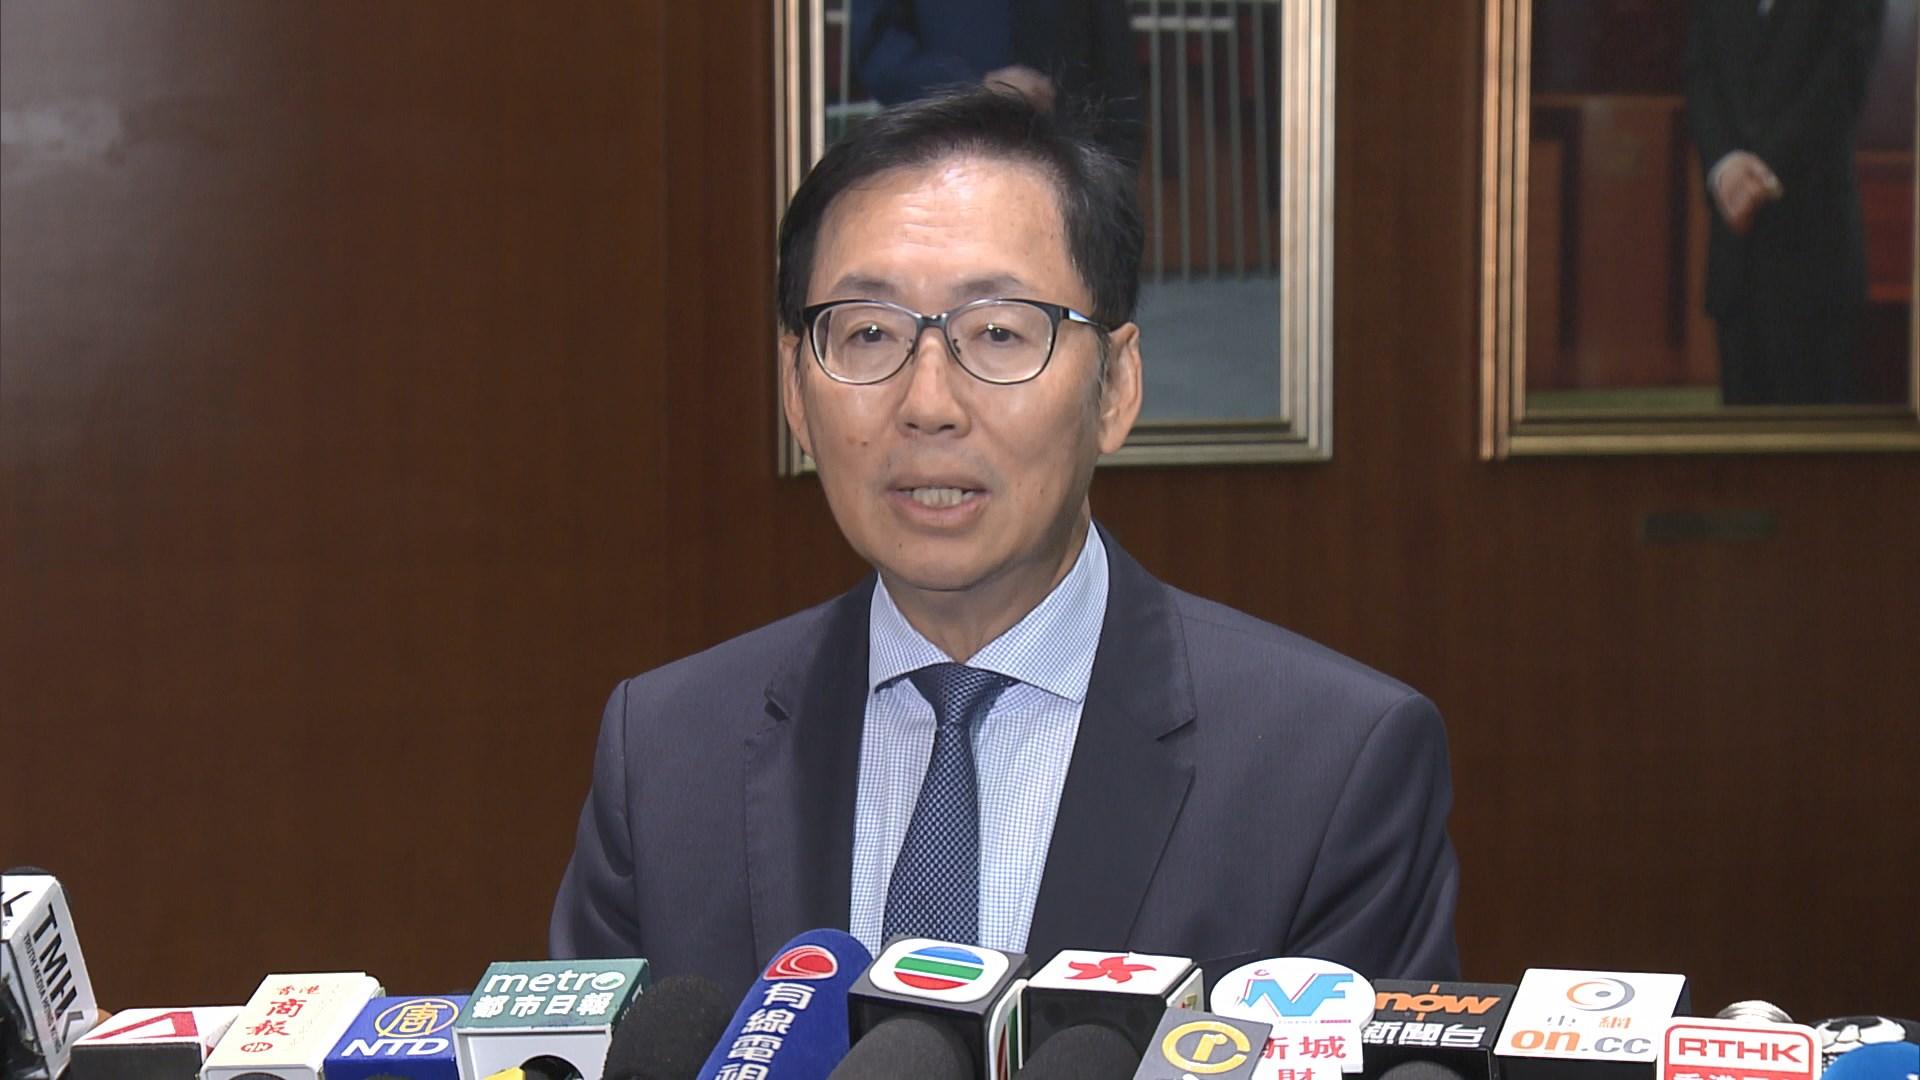 陳健波:若民主派允不搞事願向政府提抽起明日大嶼撥款